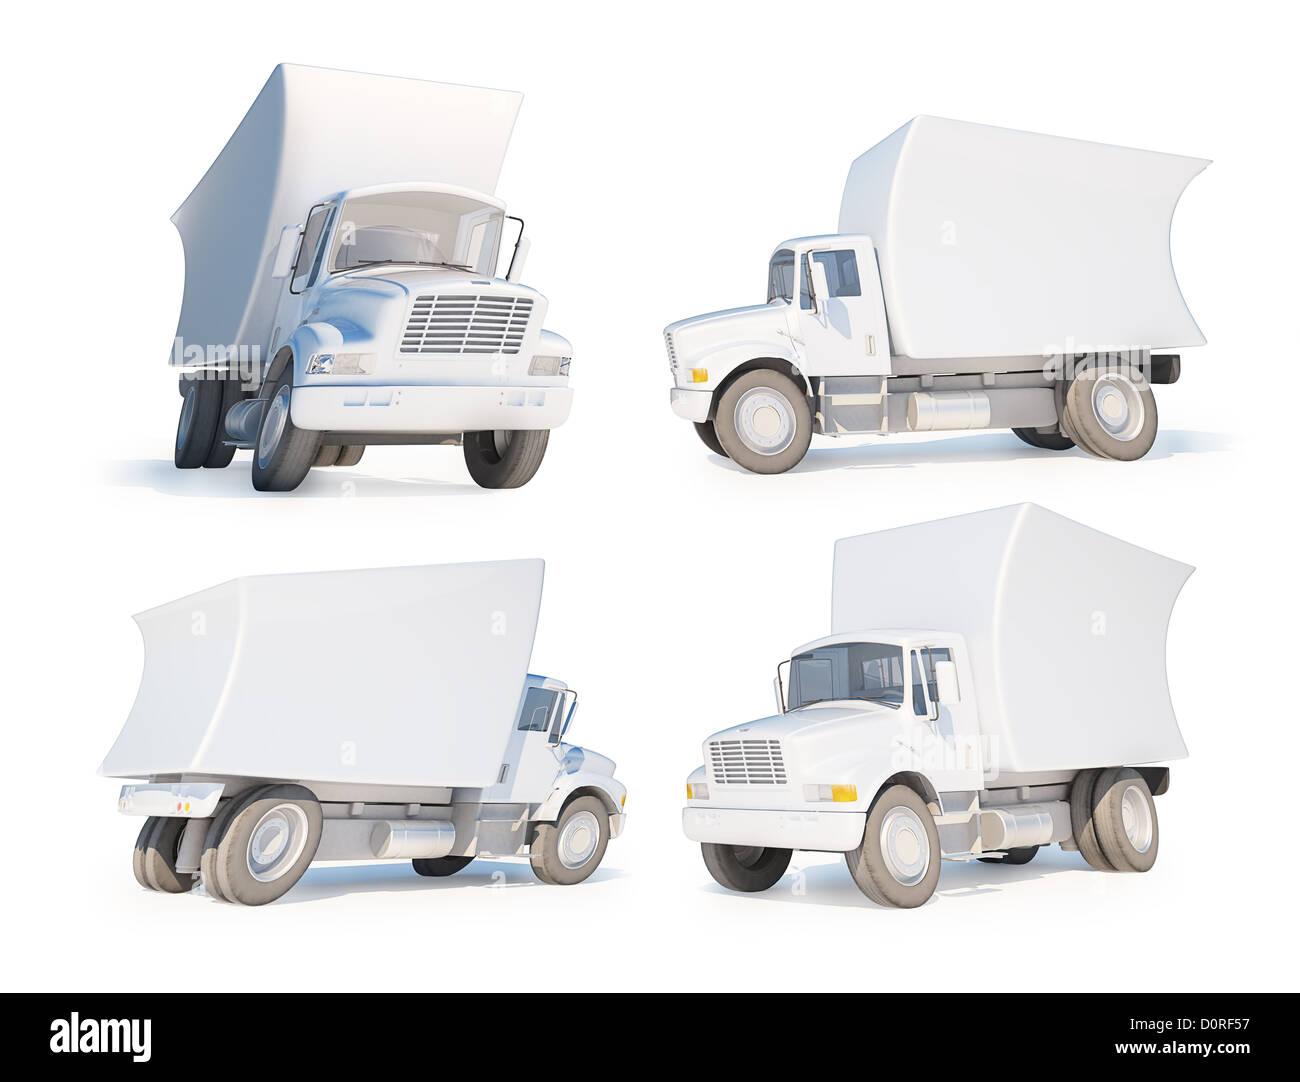 3D Cartoon van - Stock Image